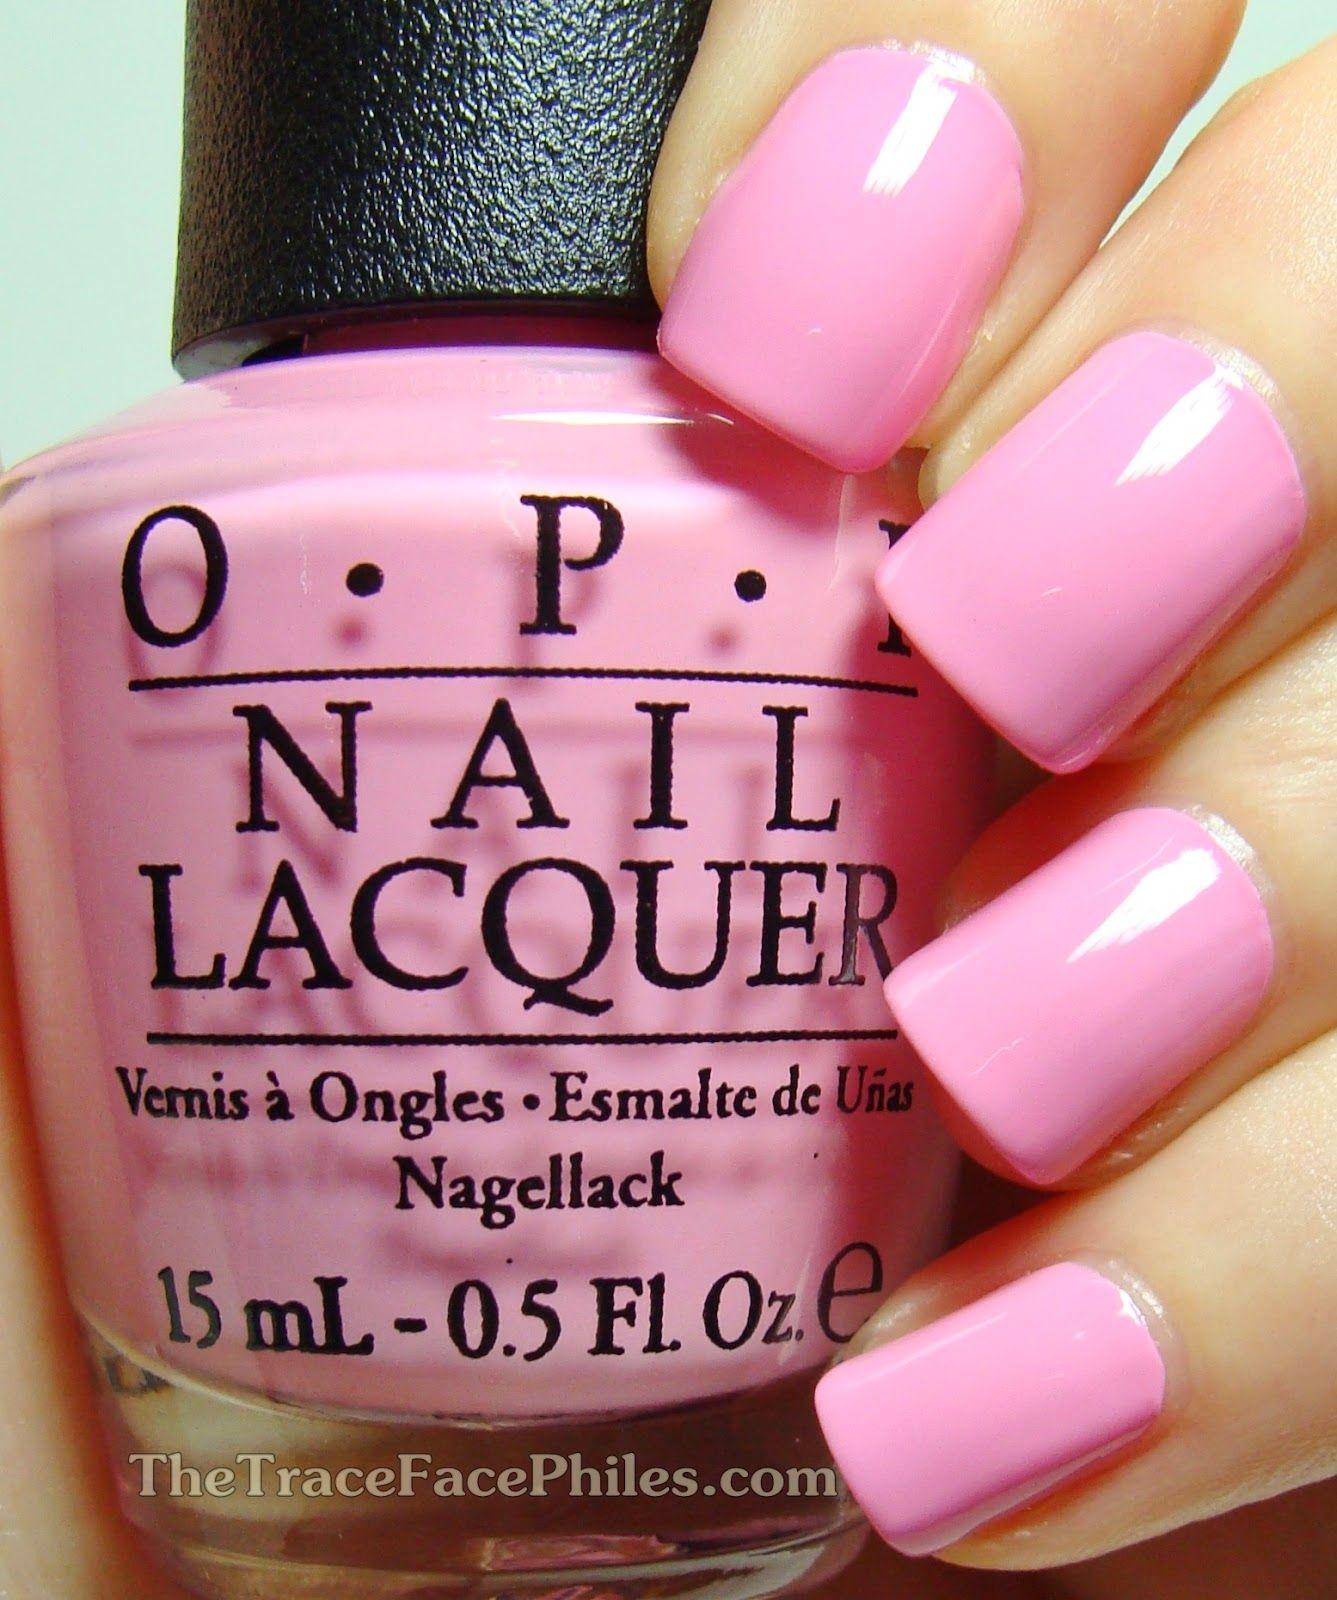 The Traceface Philes Opi Hello Flamingo Limited Edition Duo Nail Polish Hot Pink Nail Polish Nails